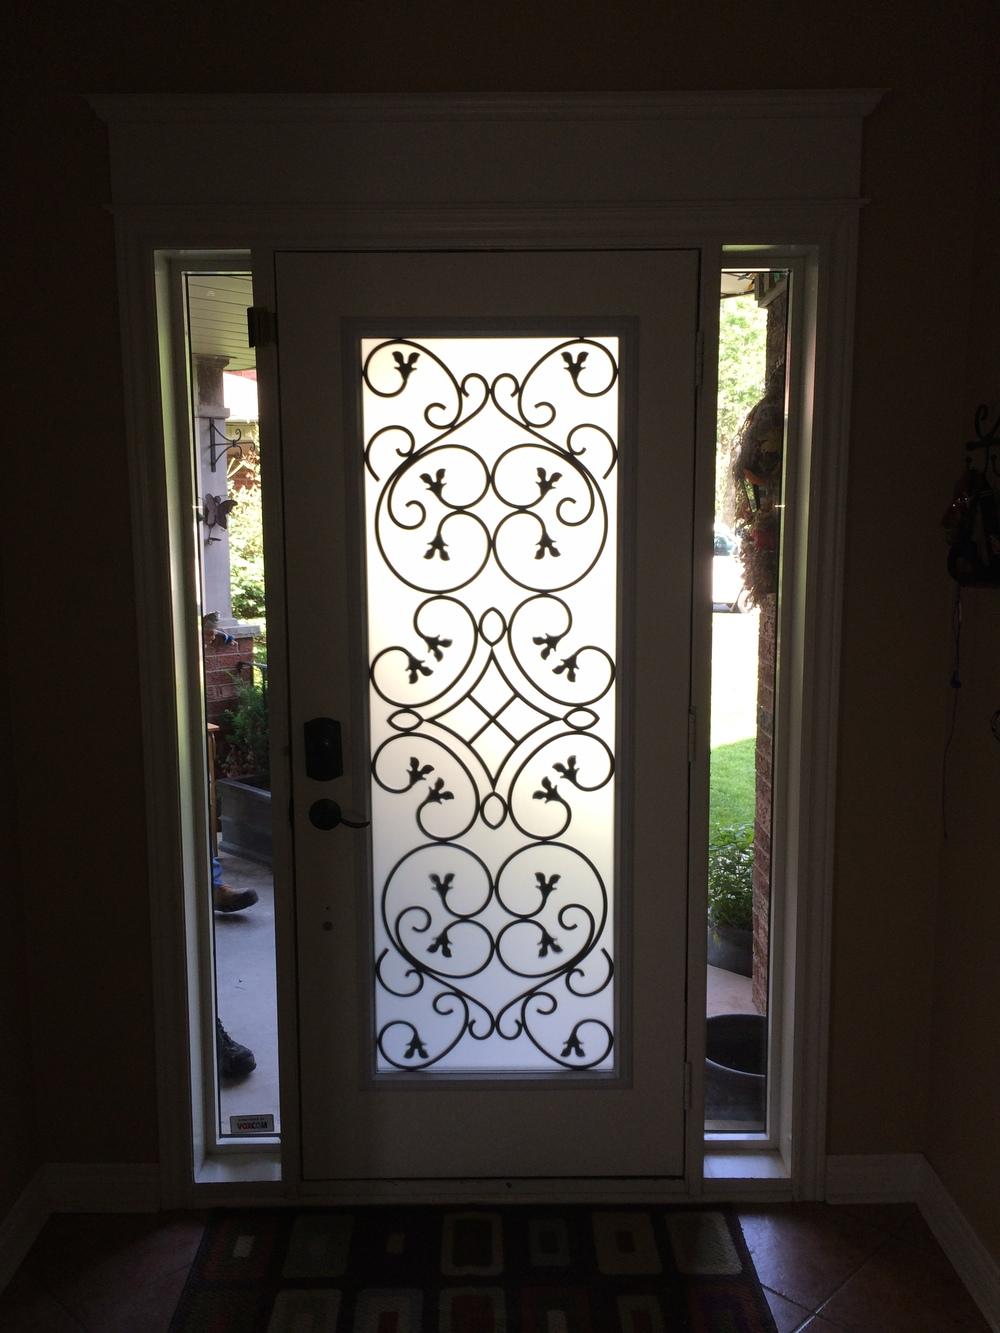 Dovershire-wrought-iron-glass-door-inserts-Vaughan-ontario